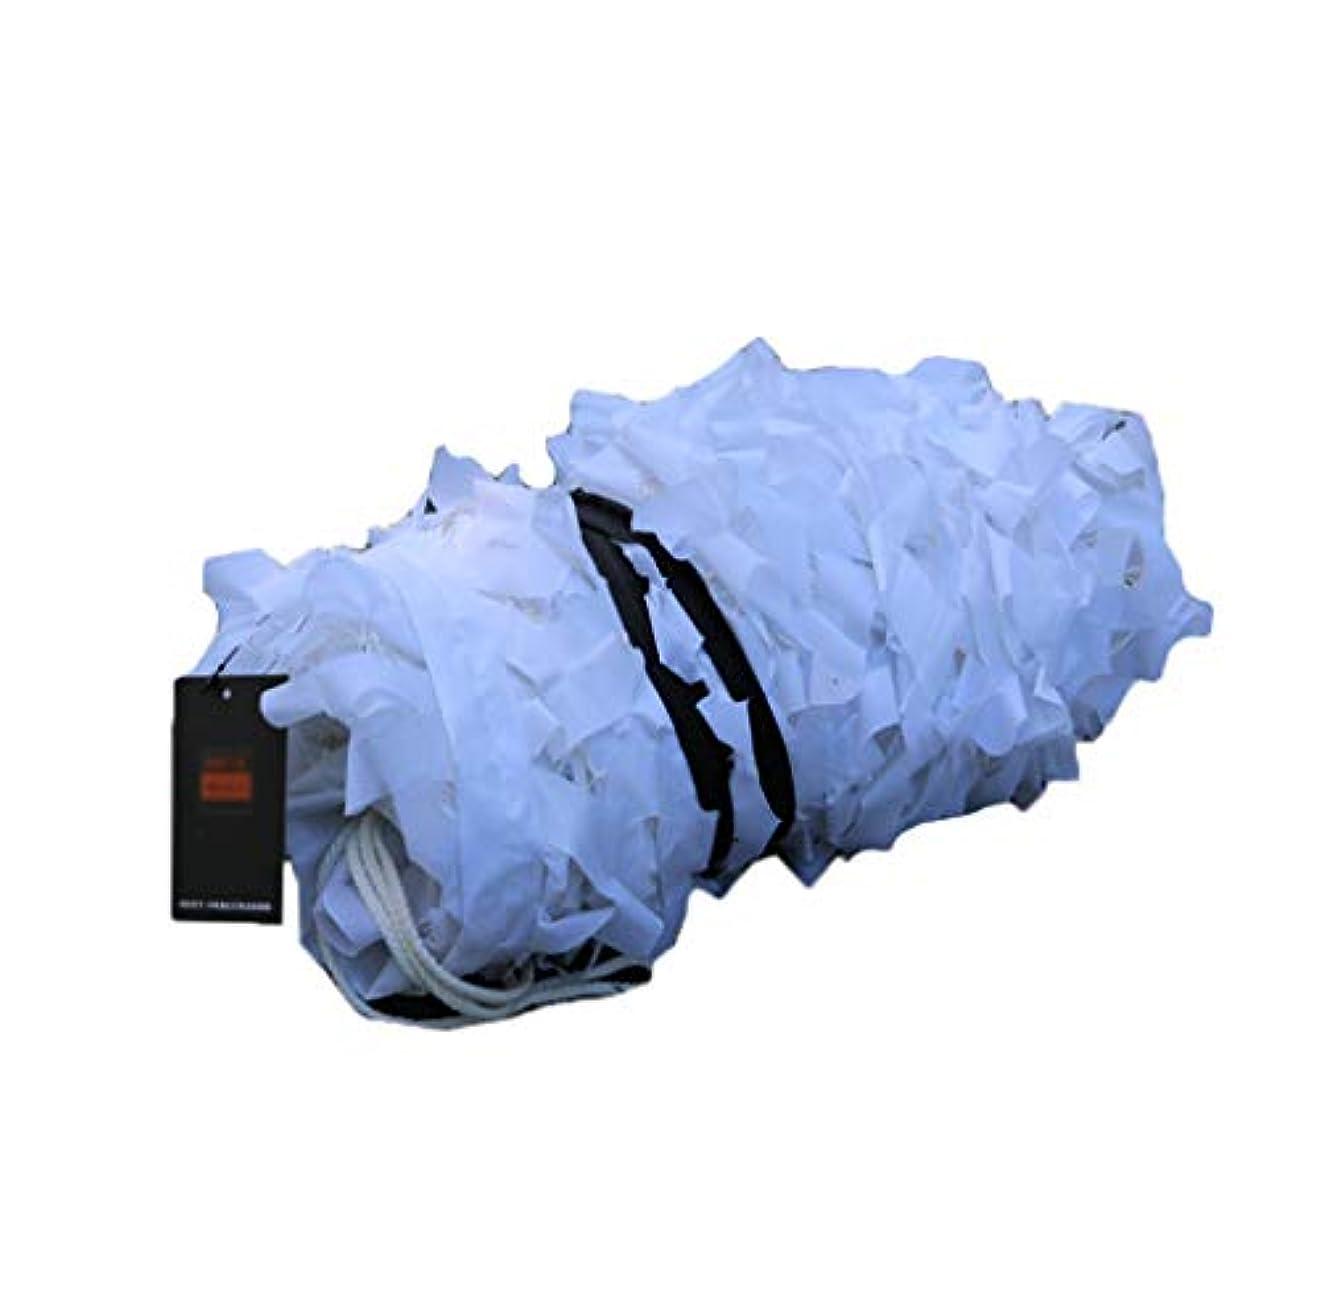 スペクトラム不快な多くの危険がある状況ピュアホワイトカモフラージュネット、スノーカモフラージュネット、サンシェードネットシェーディングネット (サイズ さいず : 6 * 6m)